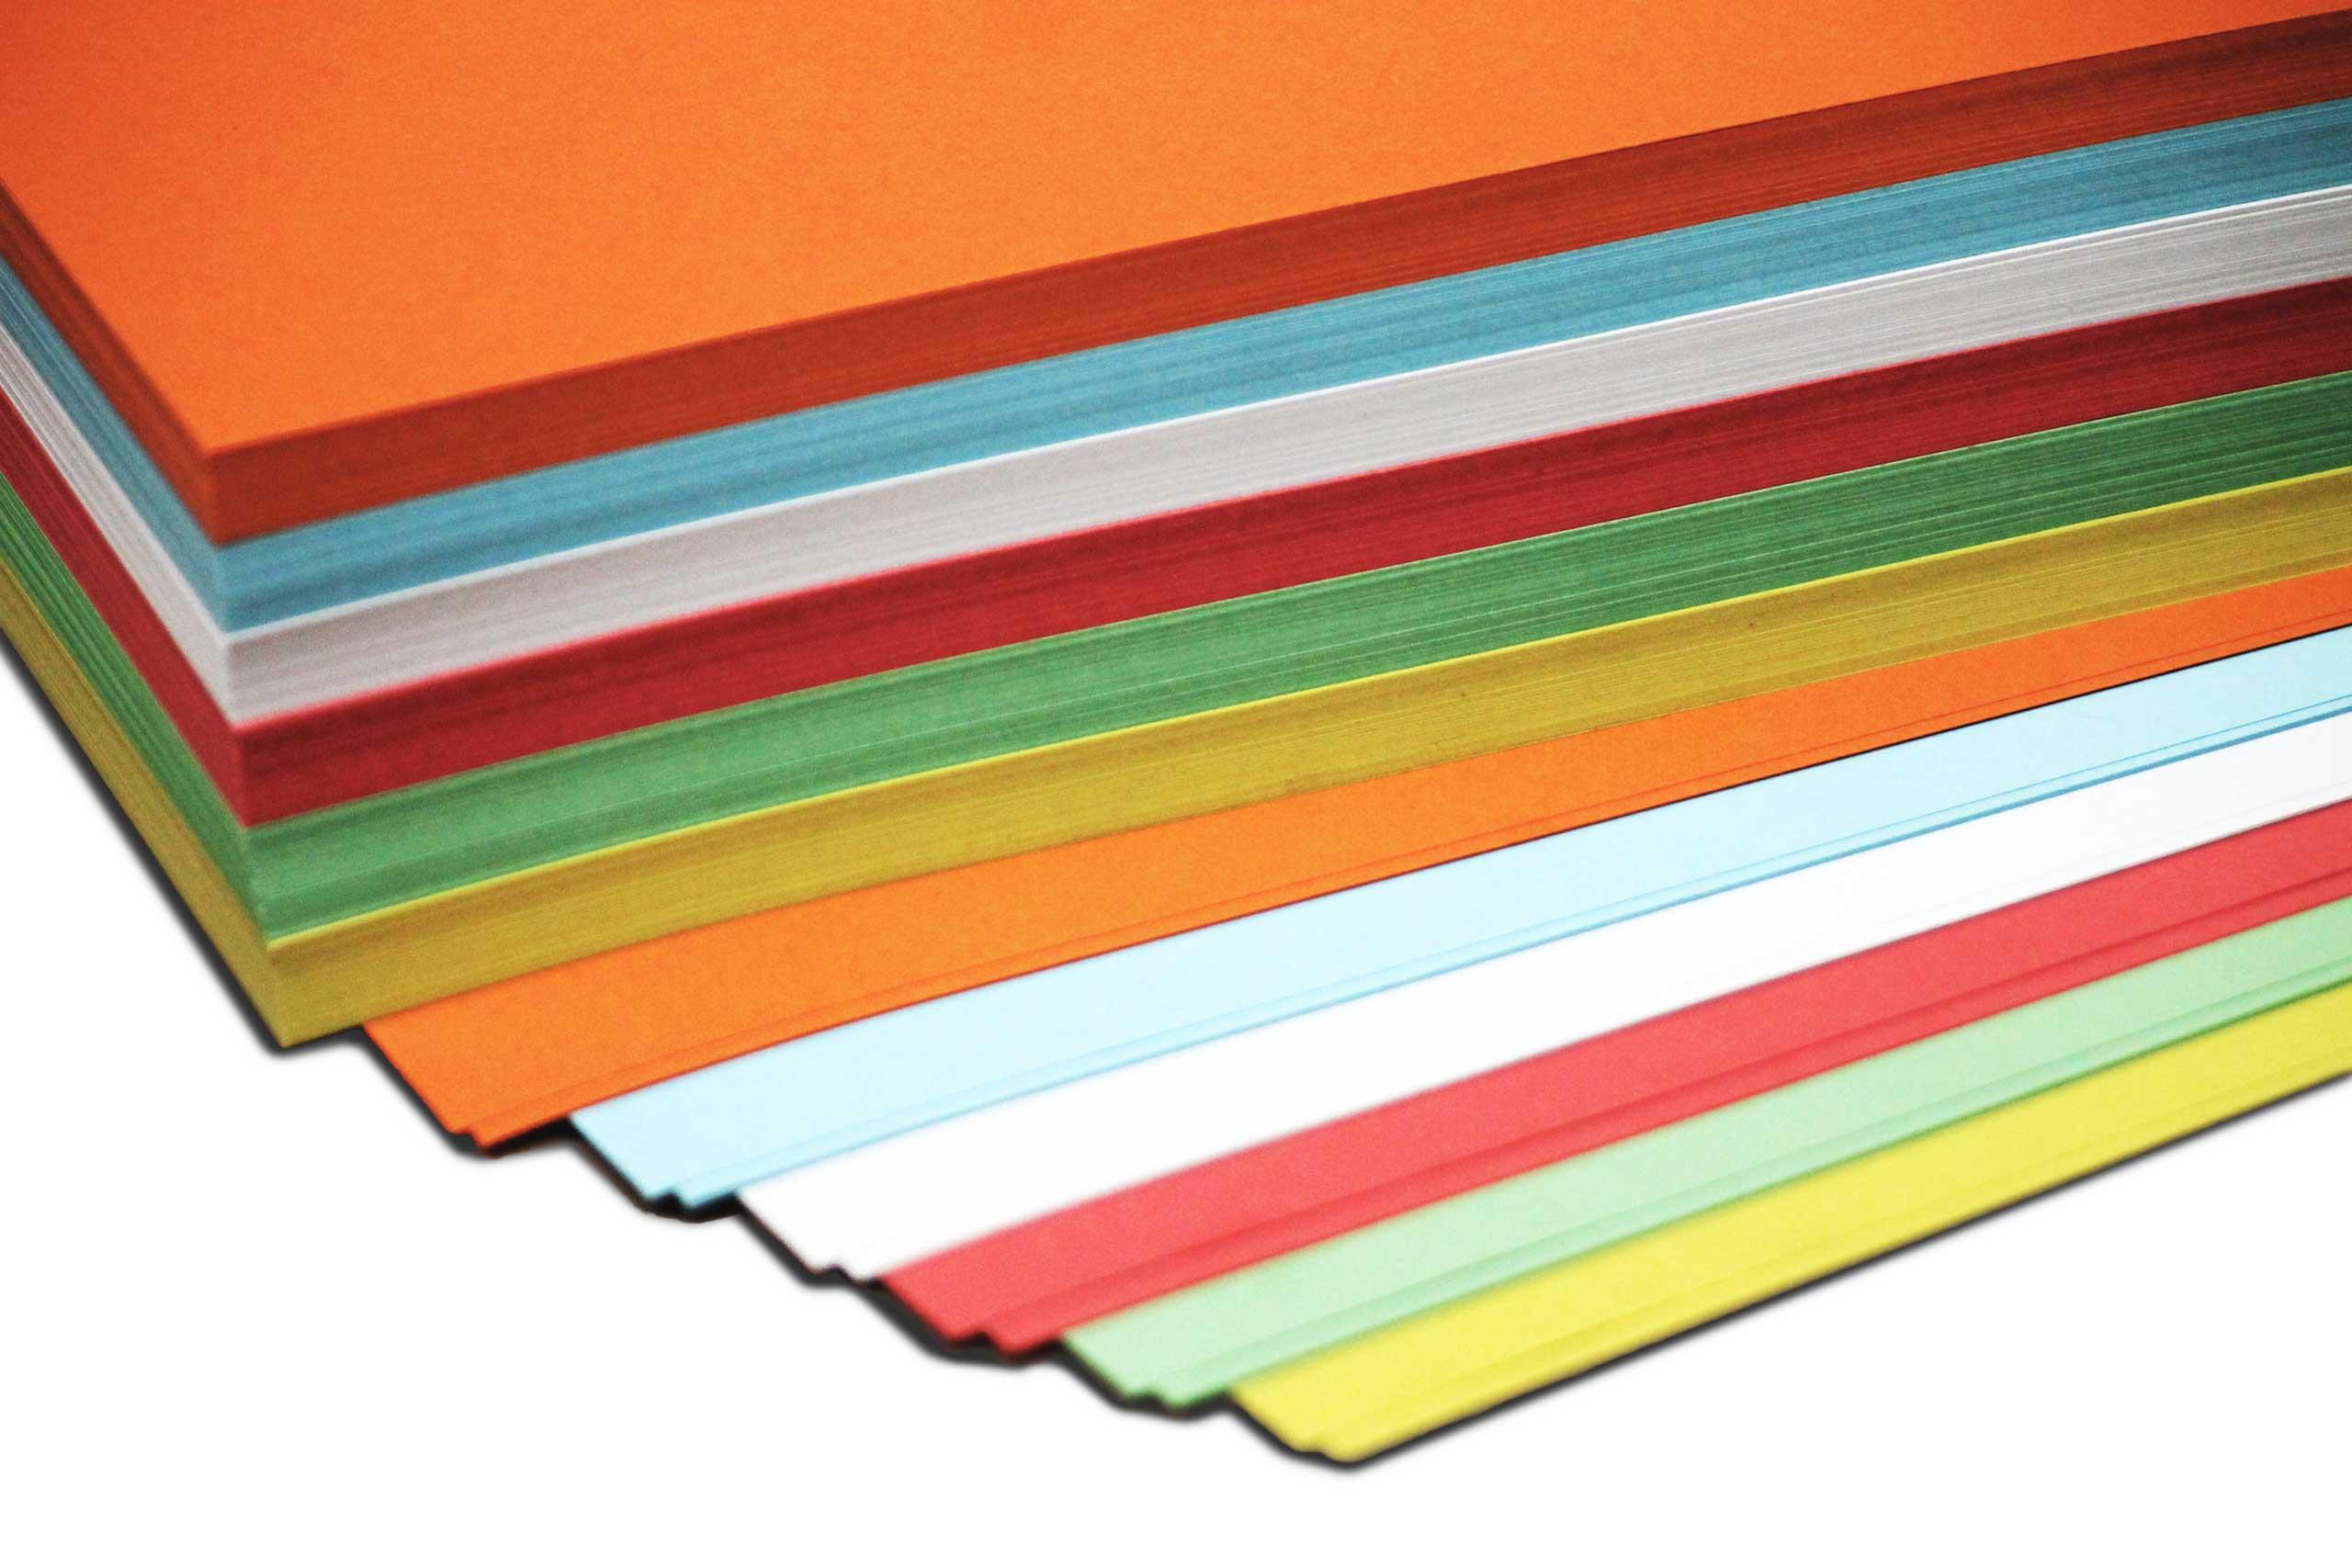 Bastelpapier - 130g - DIN A 3 - 100 Bogen - 6-farbig sortiert